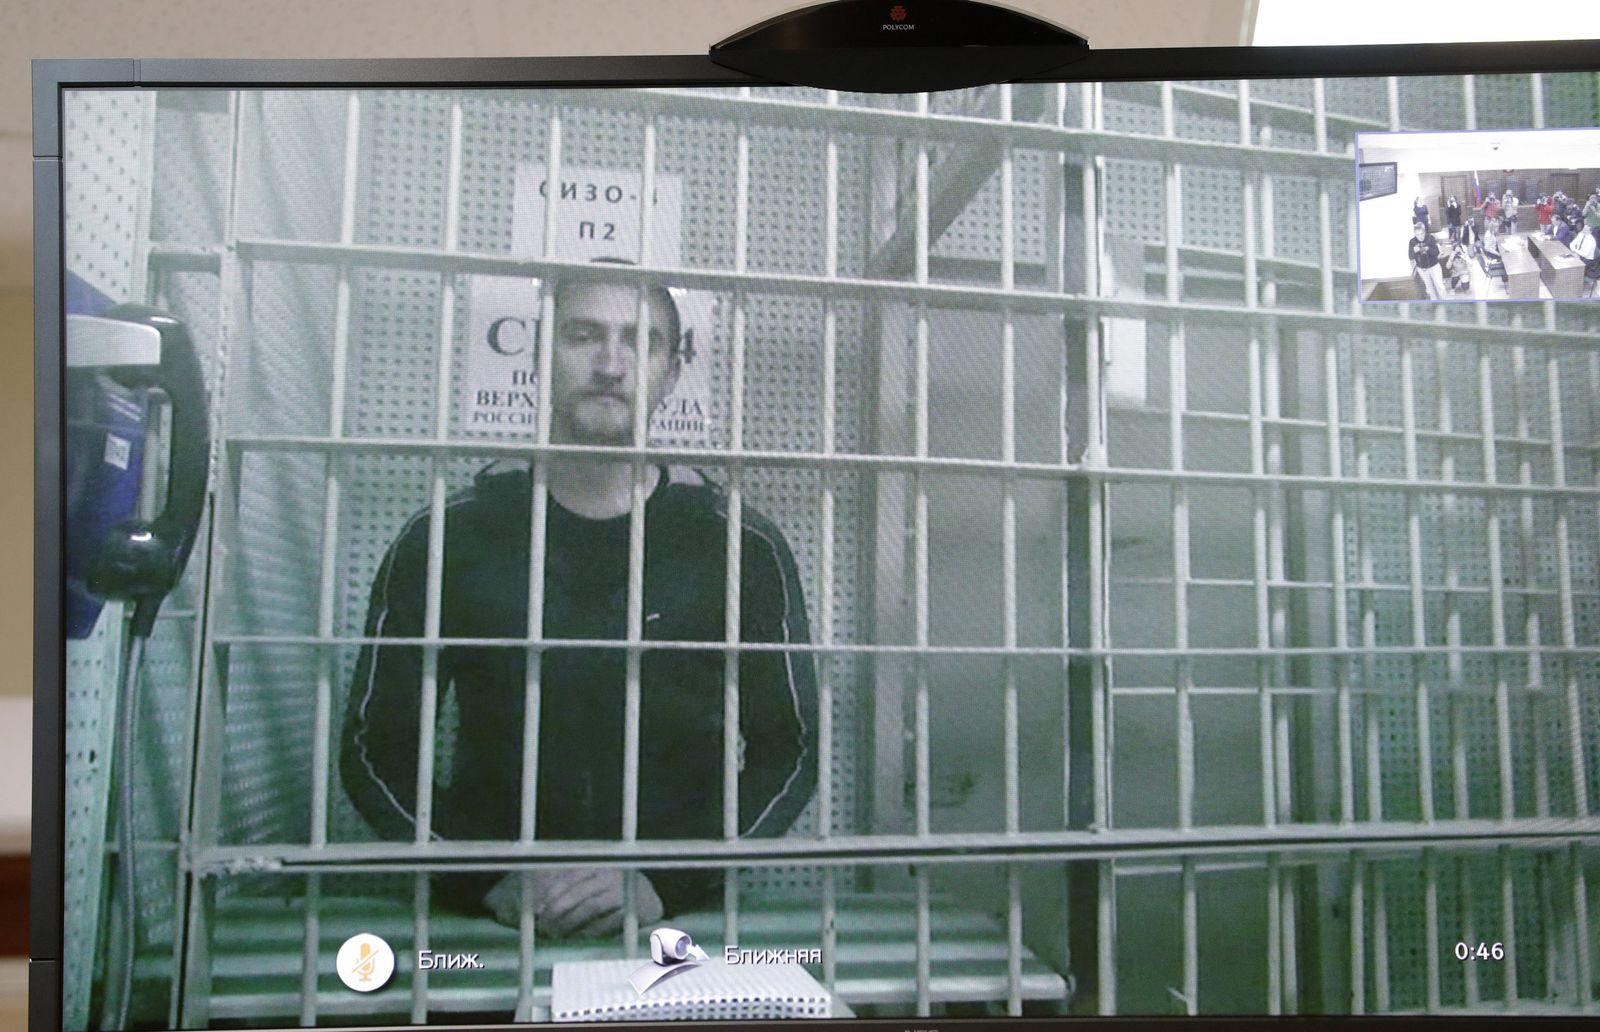 Nach Protestwelle in Russland gegen Justizwillkür